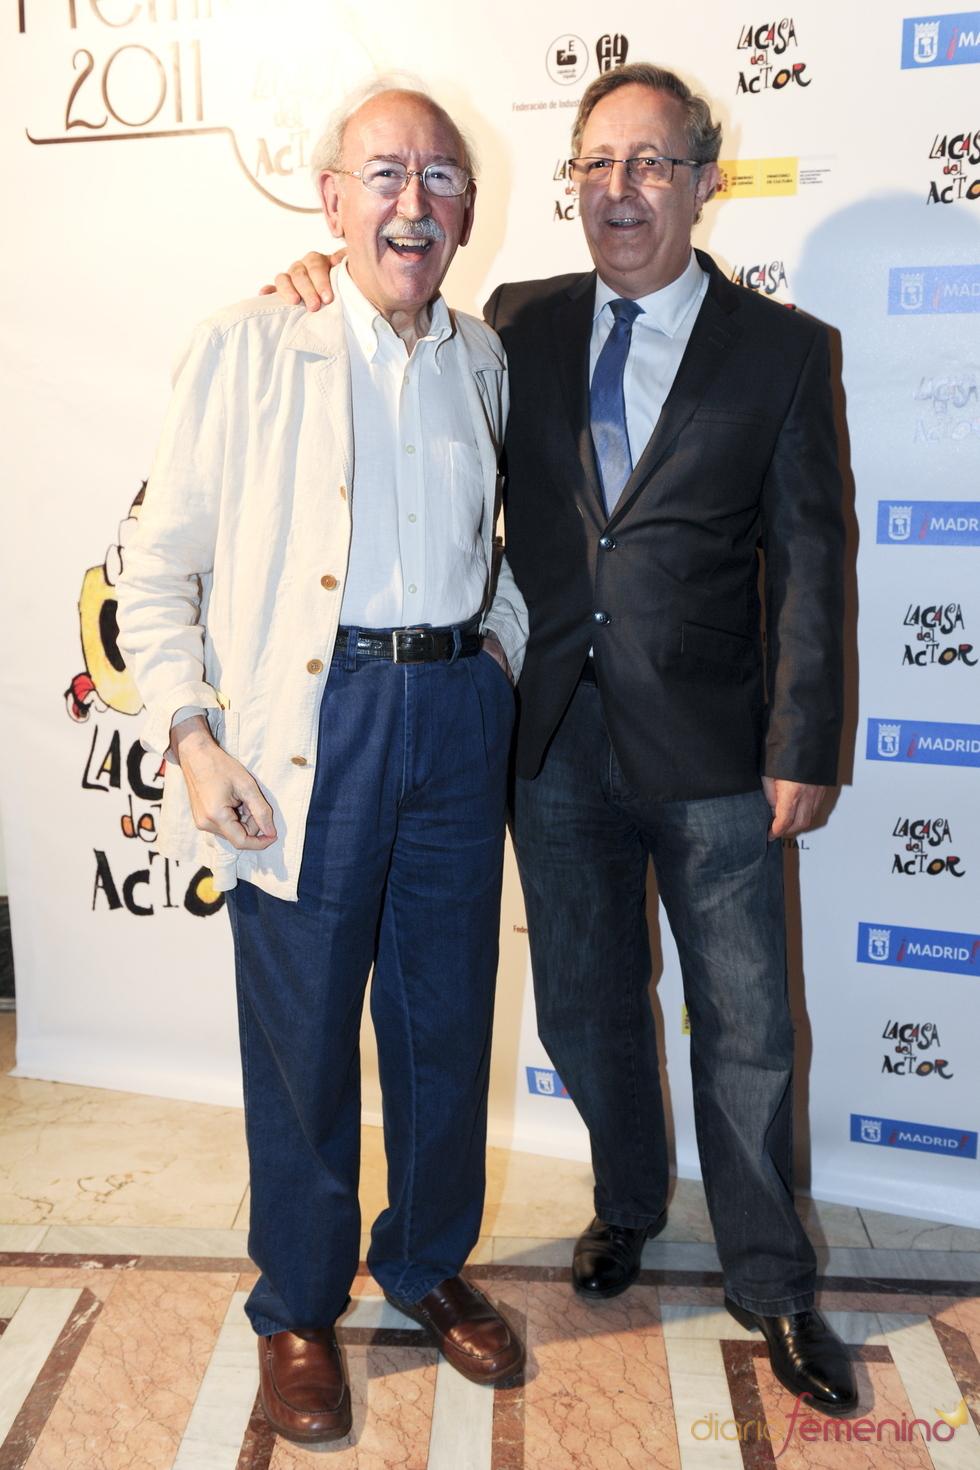 Juan Antonio Quintana y José Antonio Sayagués durante los Premios de la Fundación Casa del Actor 2011